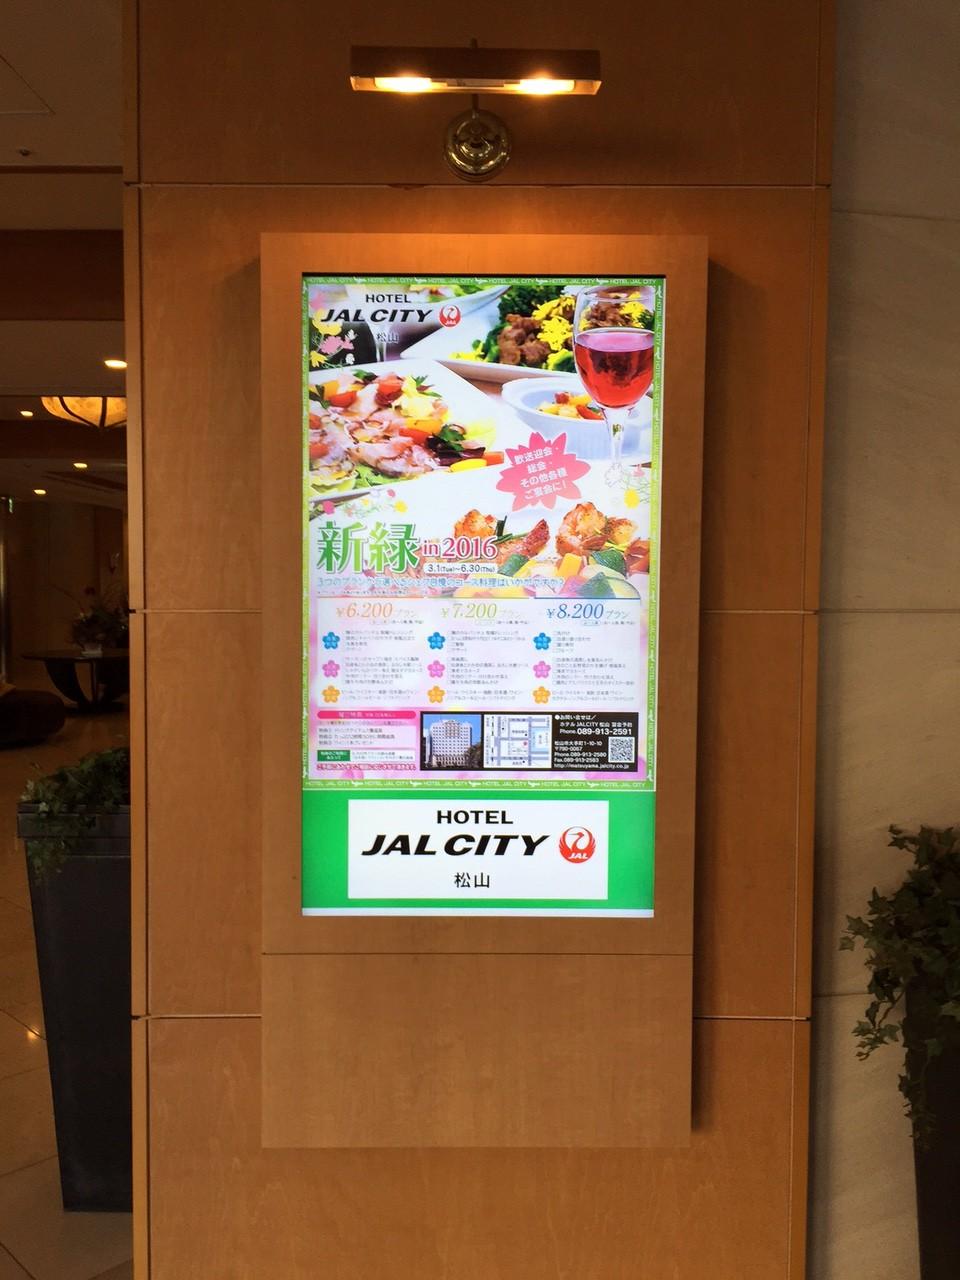 設置事例 デジタルサイネージ 47インチ壁掛け ホテル設置 事例